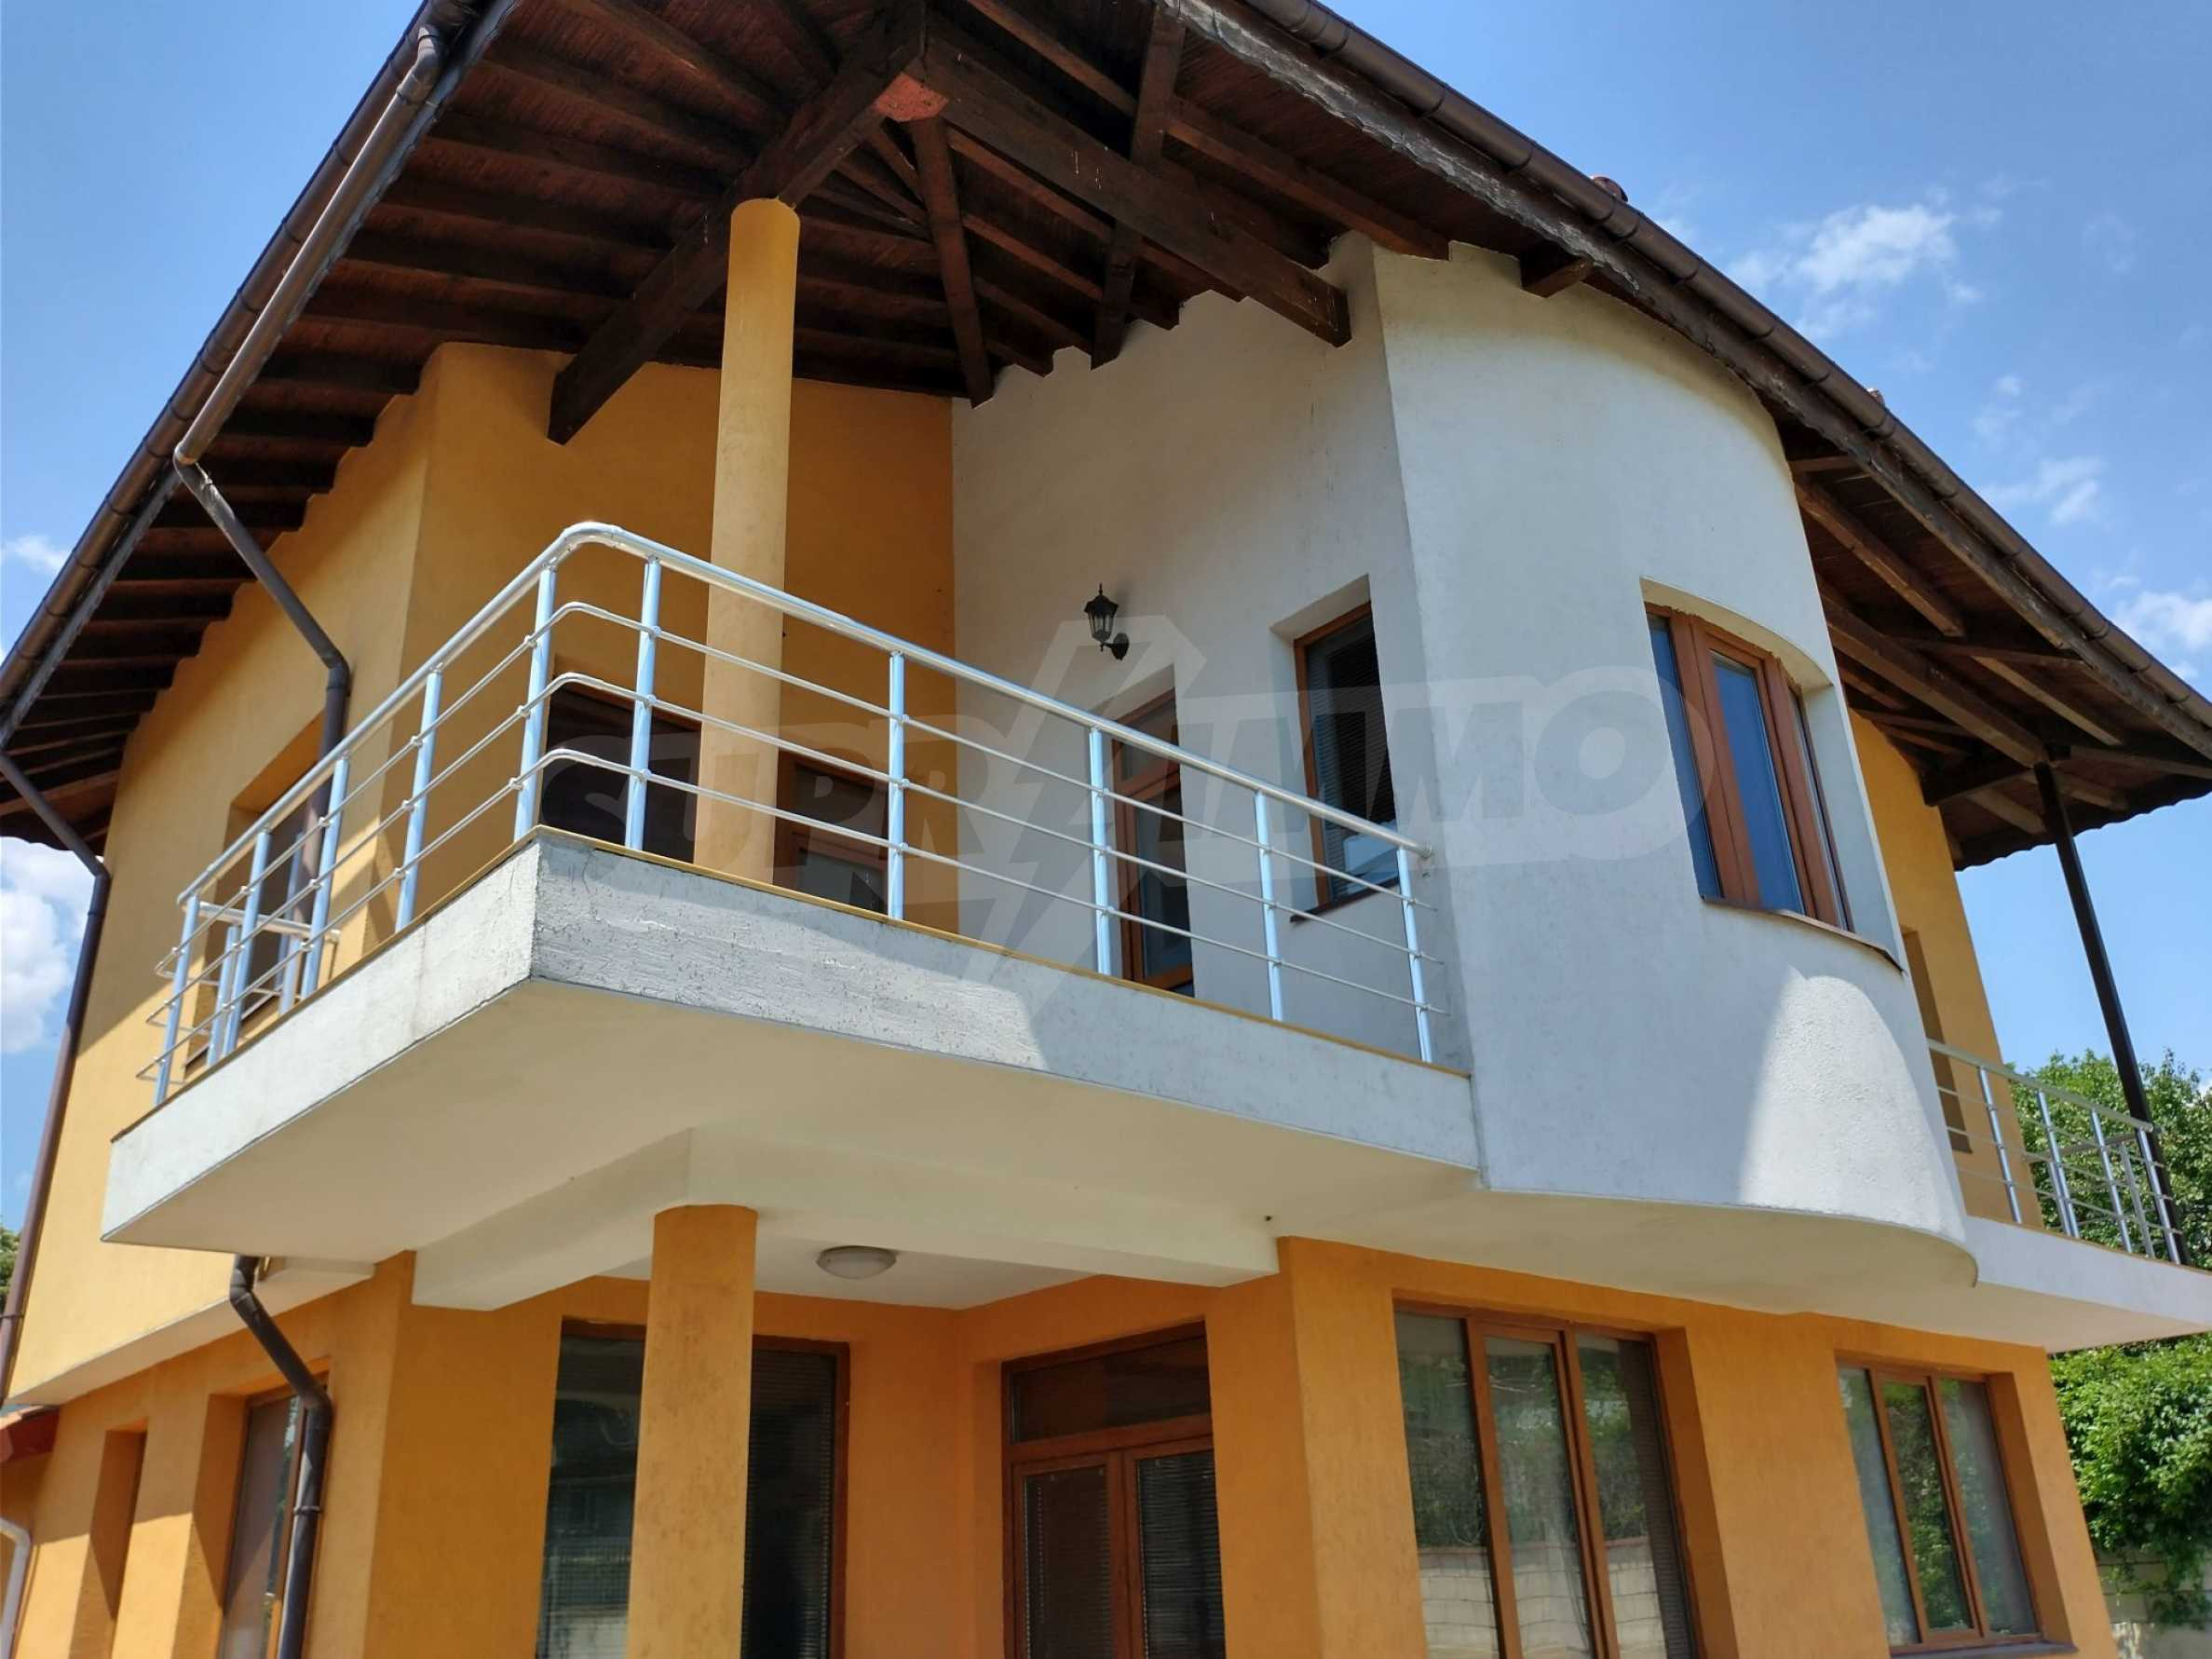 Schönes, dreistöckiges Haus in der Nähe von Warna 16